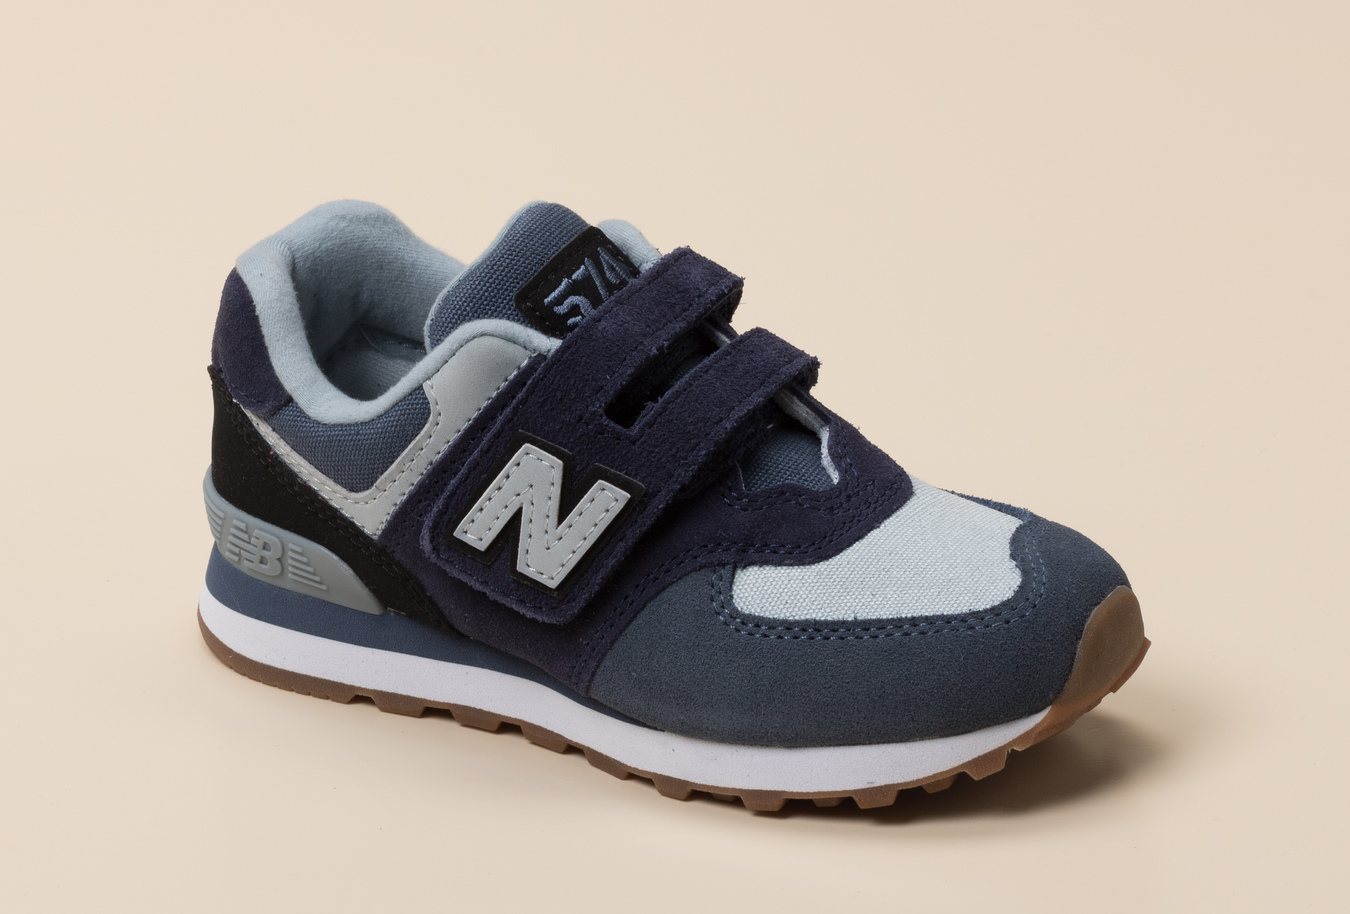 New Balance Kinder Sneaker in blau kaufen   Zumnorde Online-Shop